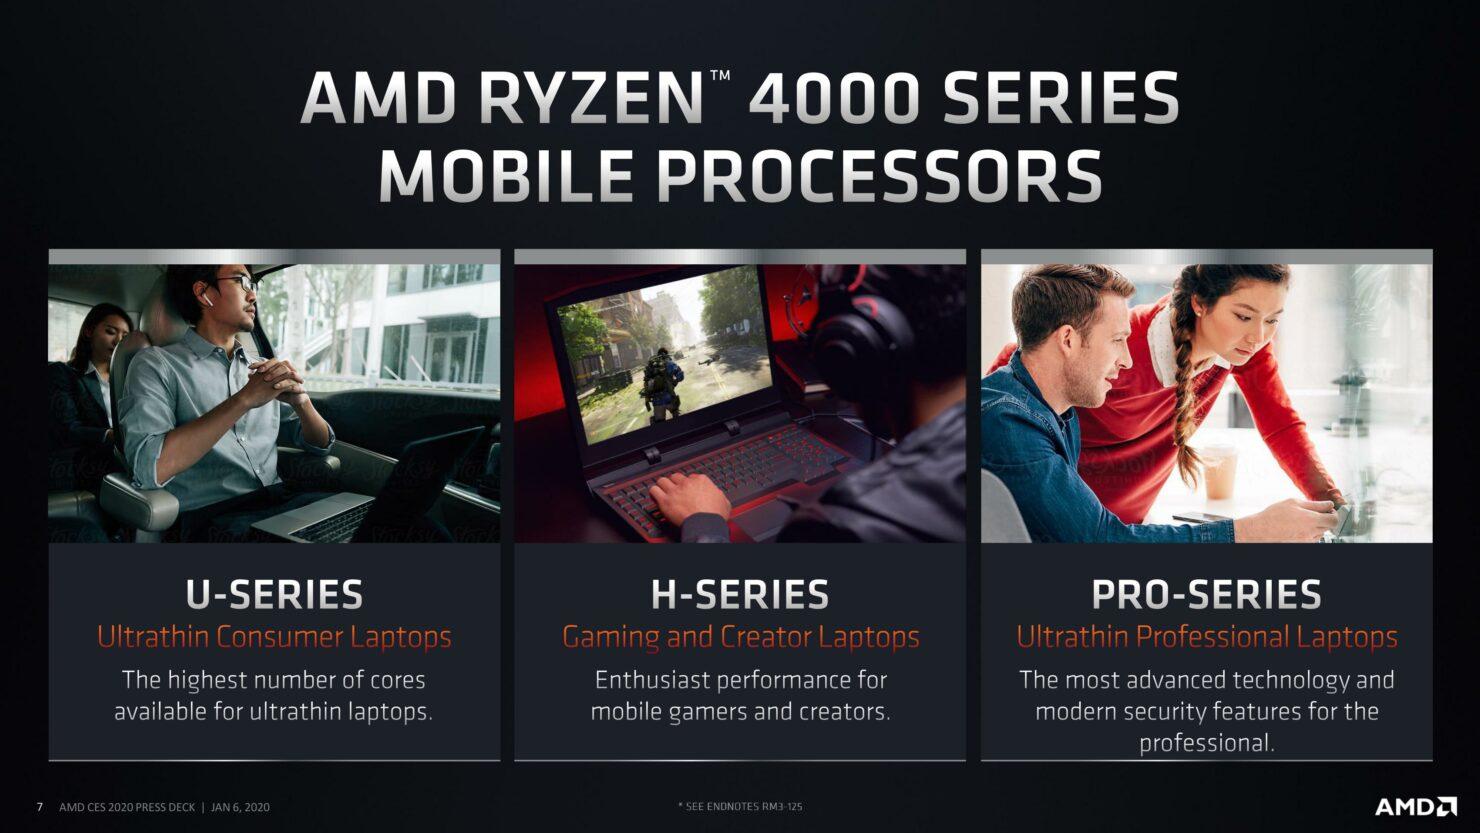 ¿Qué es el SmartShift de AMD y qué hace? 1